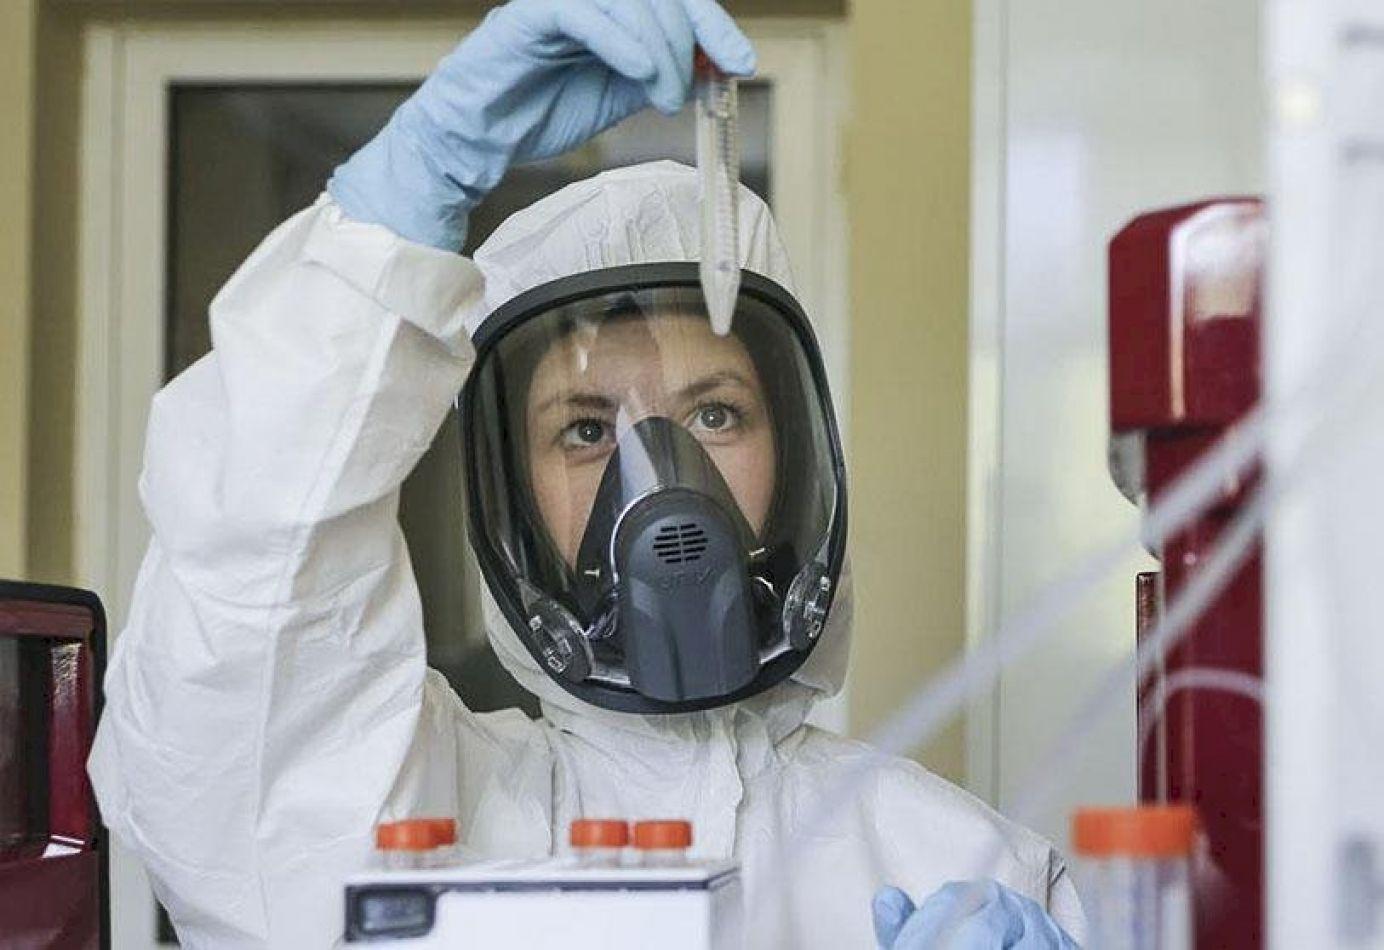 Rusia registró su quinta vacuna contra el coronavirus